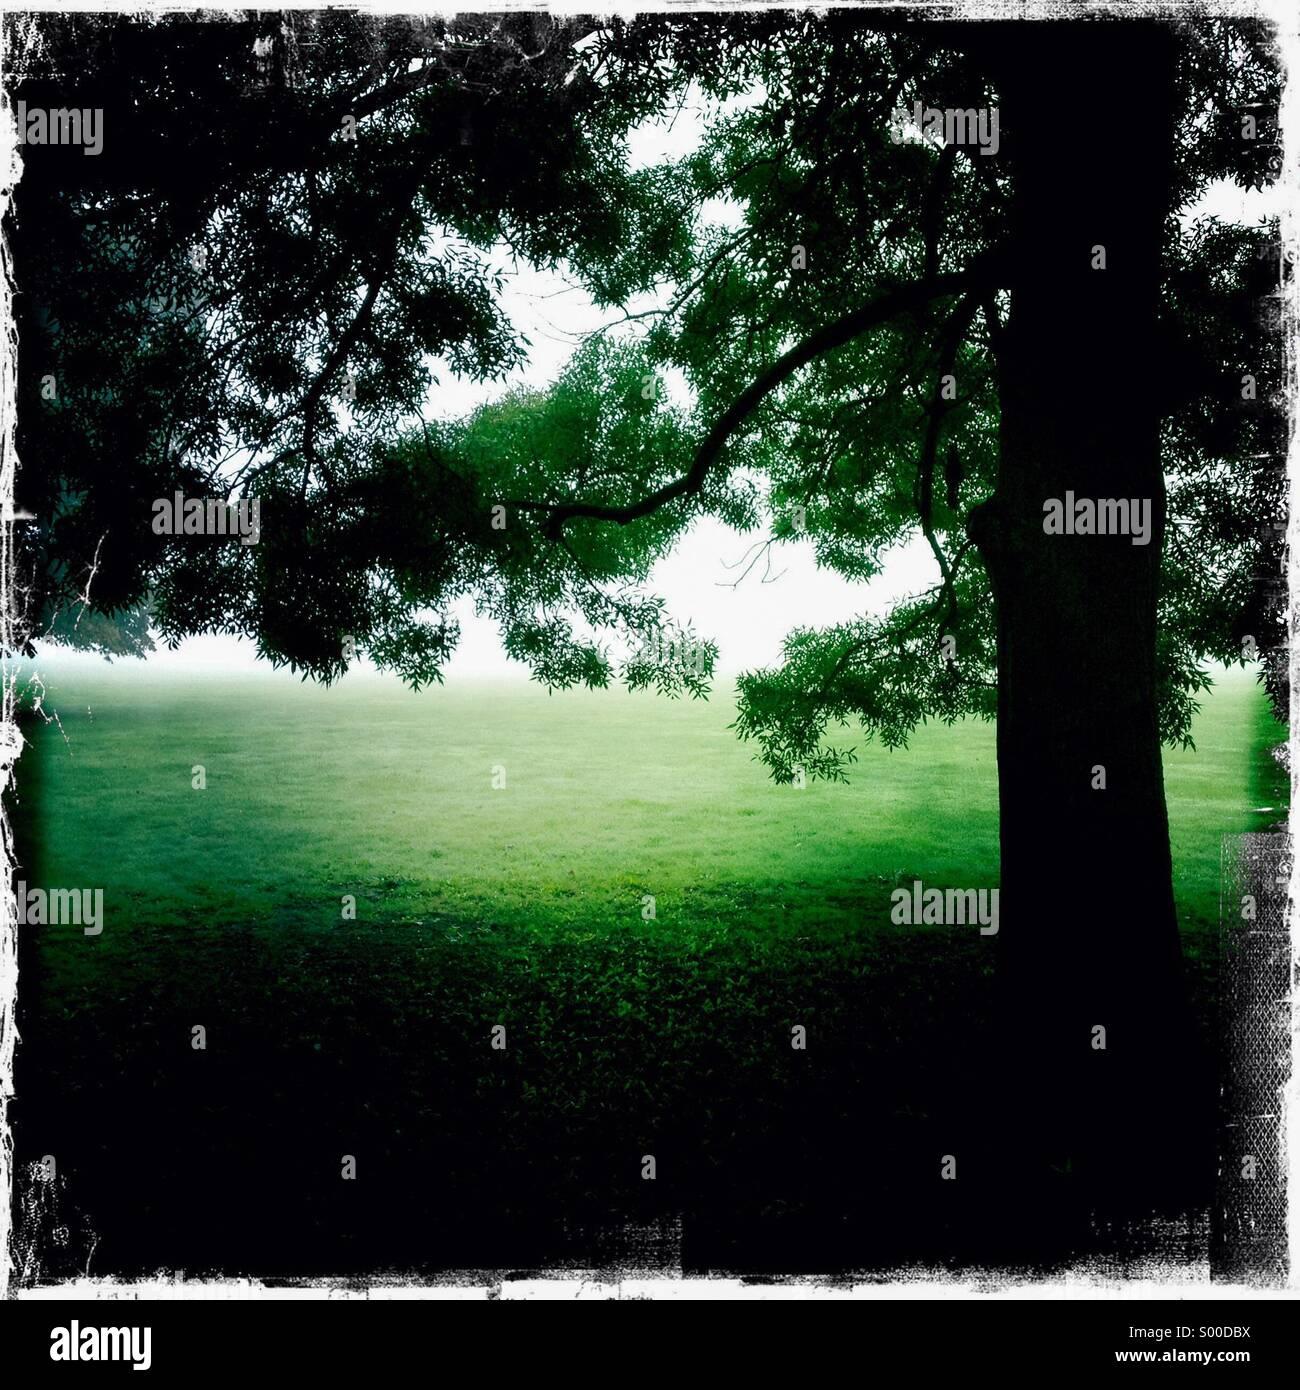 Photo couleur à contraste élevé de vieux chêne dans un parc. Format carré. London UK Photo Stock